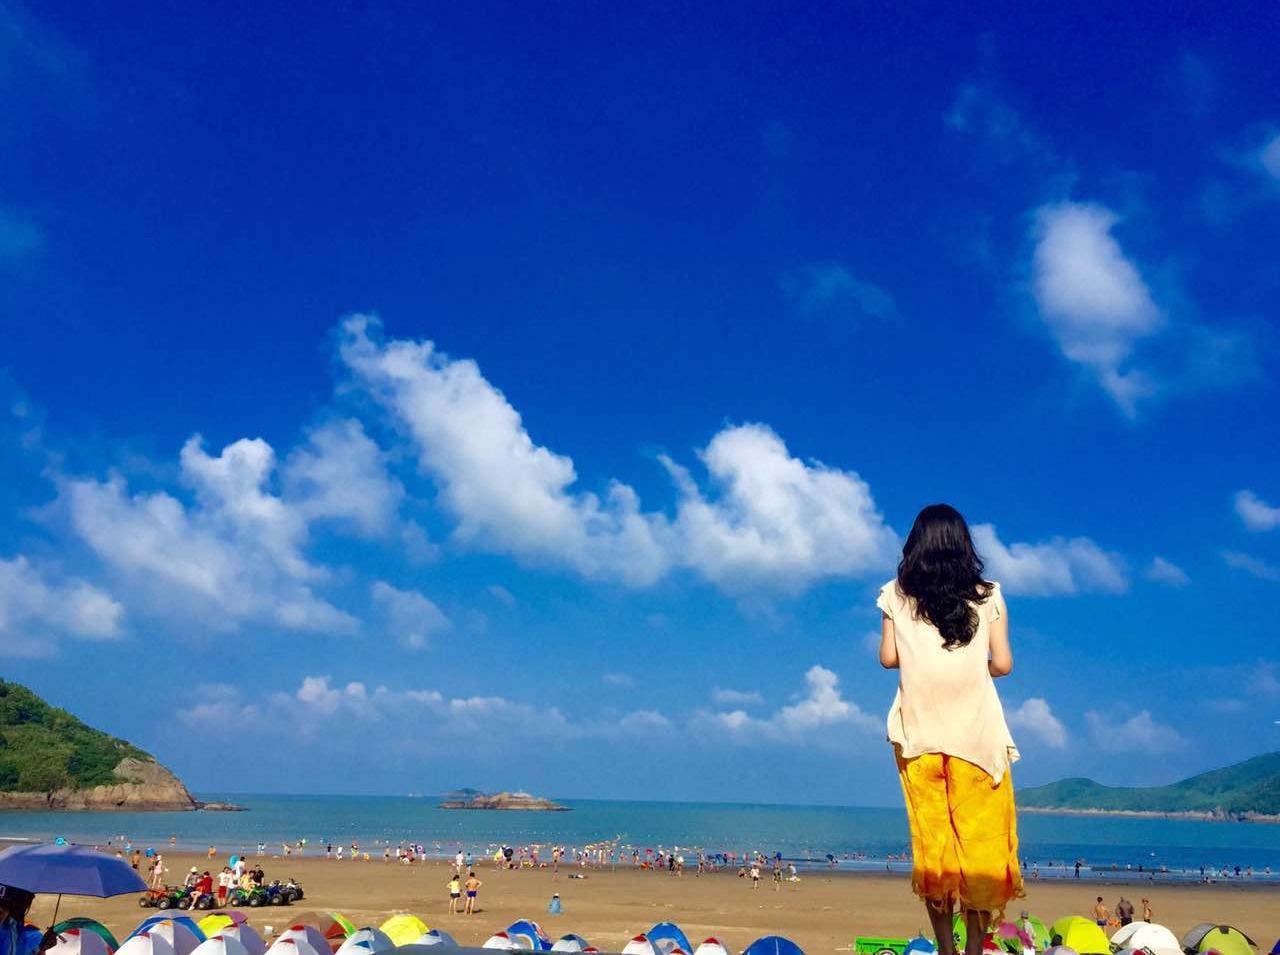 5.1-5.2我们一起游姐妹沙滩檀头山岛